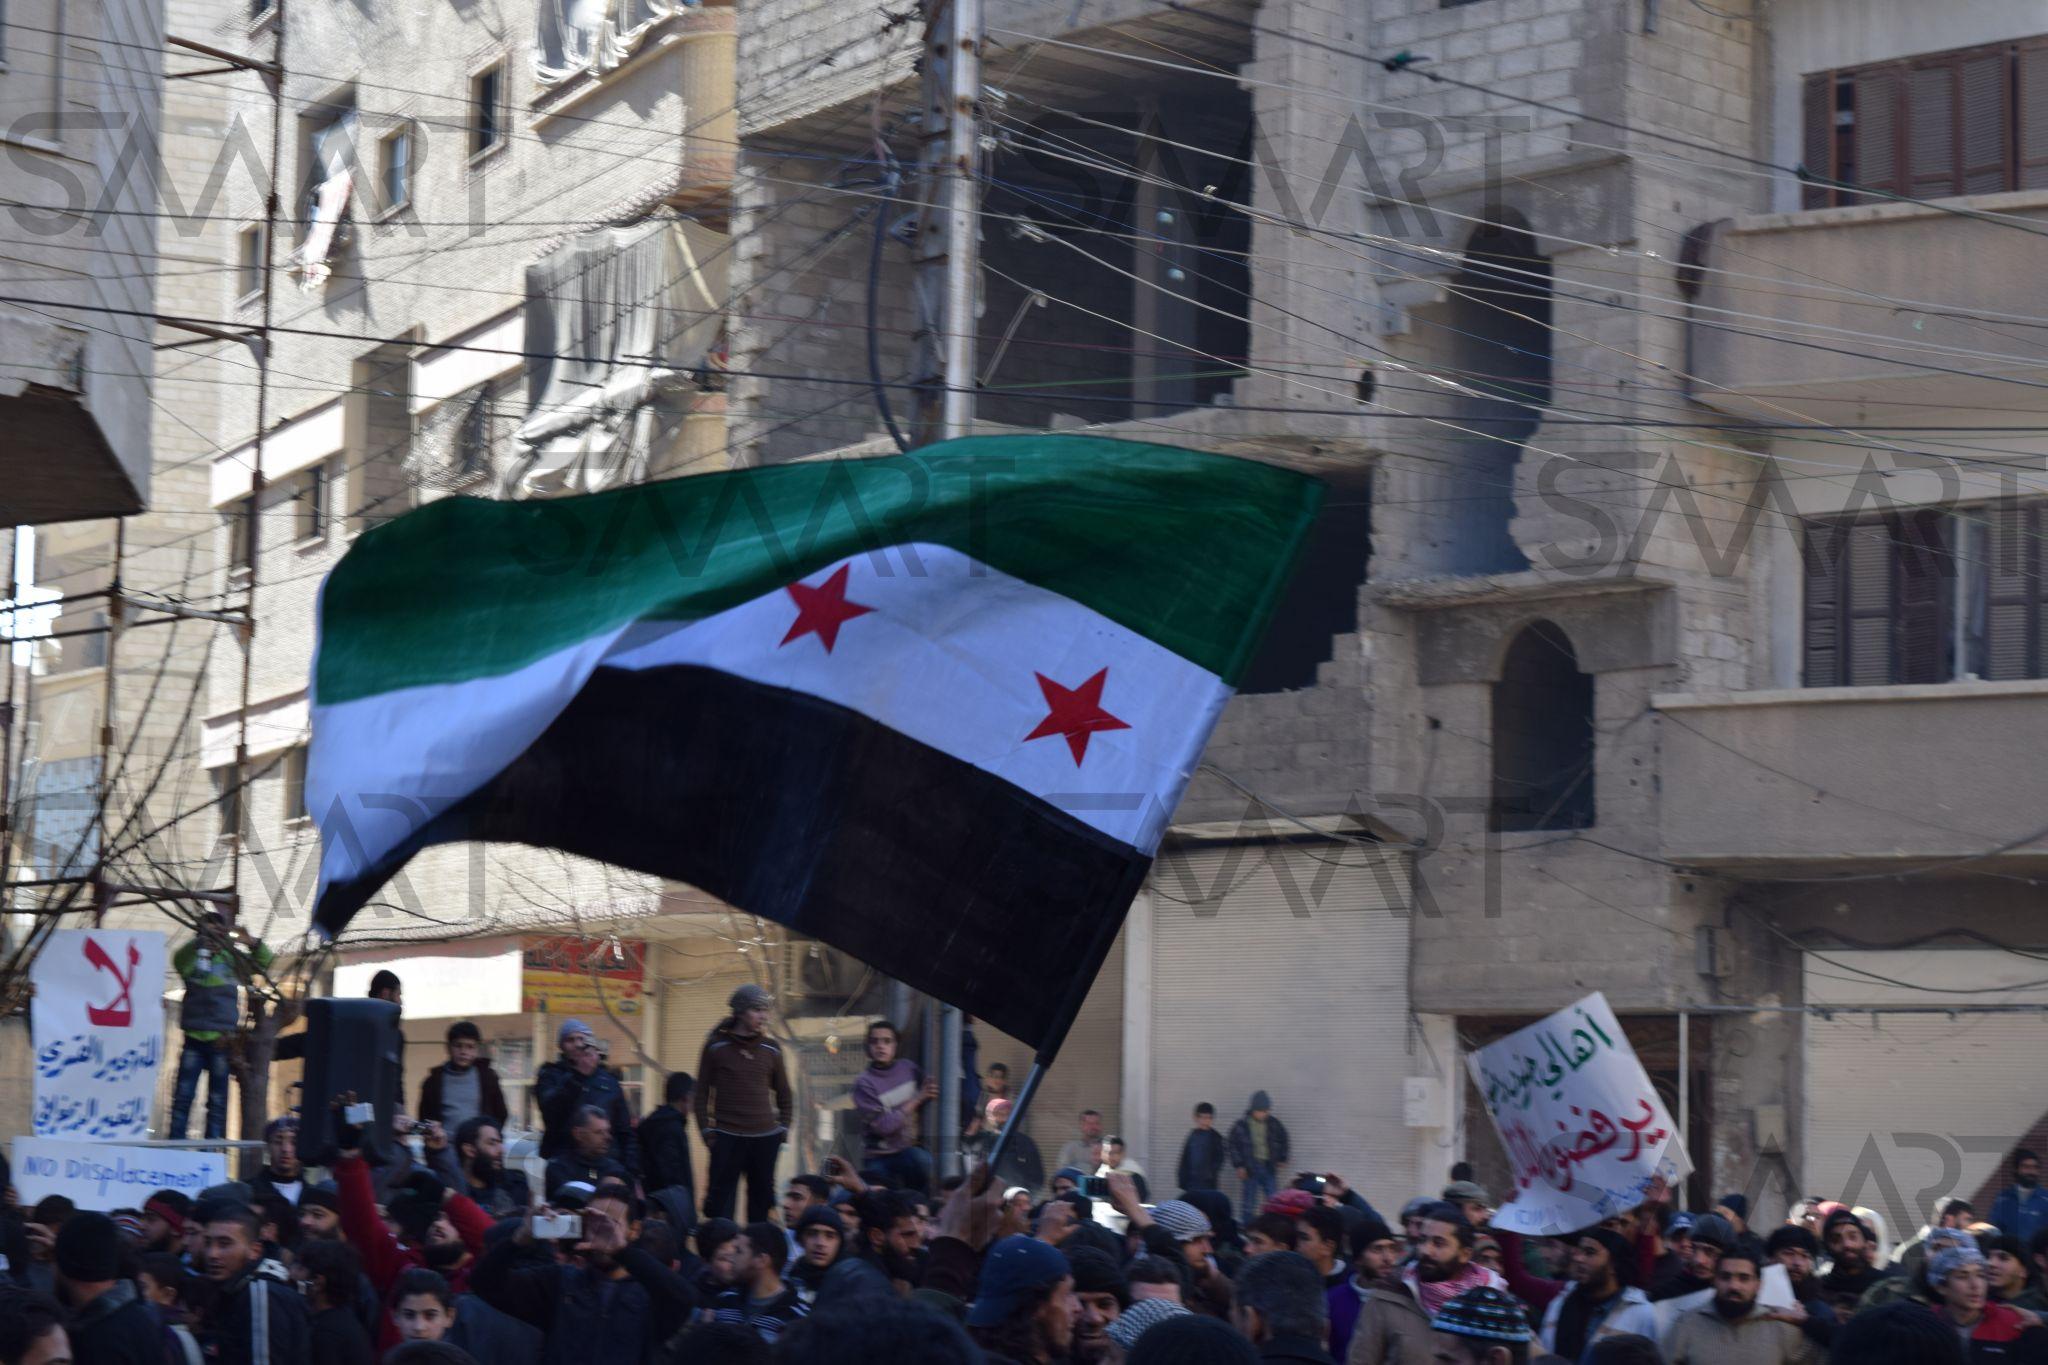 بالصور صور علم الثورة السورية , بوستات لرمز الانتفاضة 4077 7